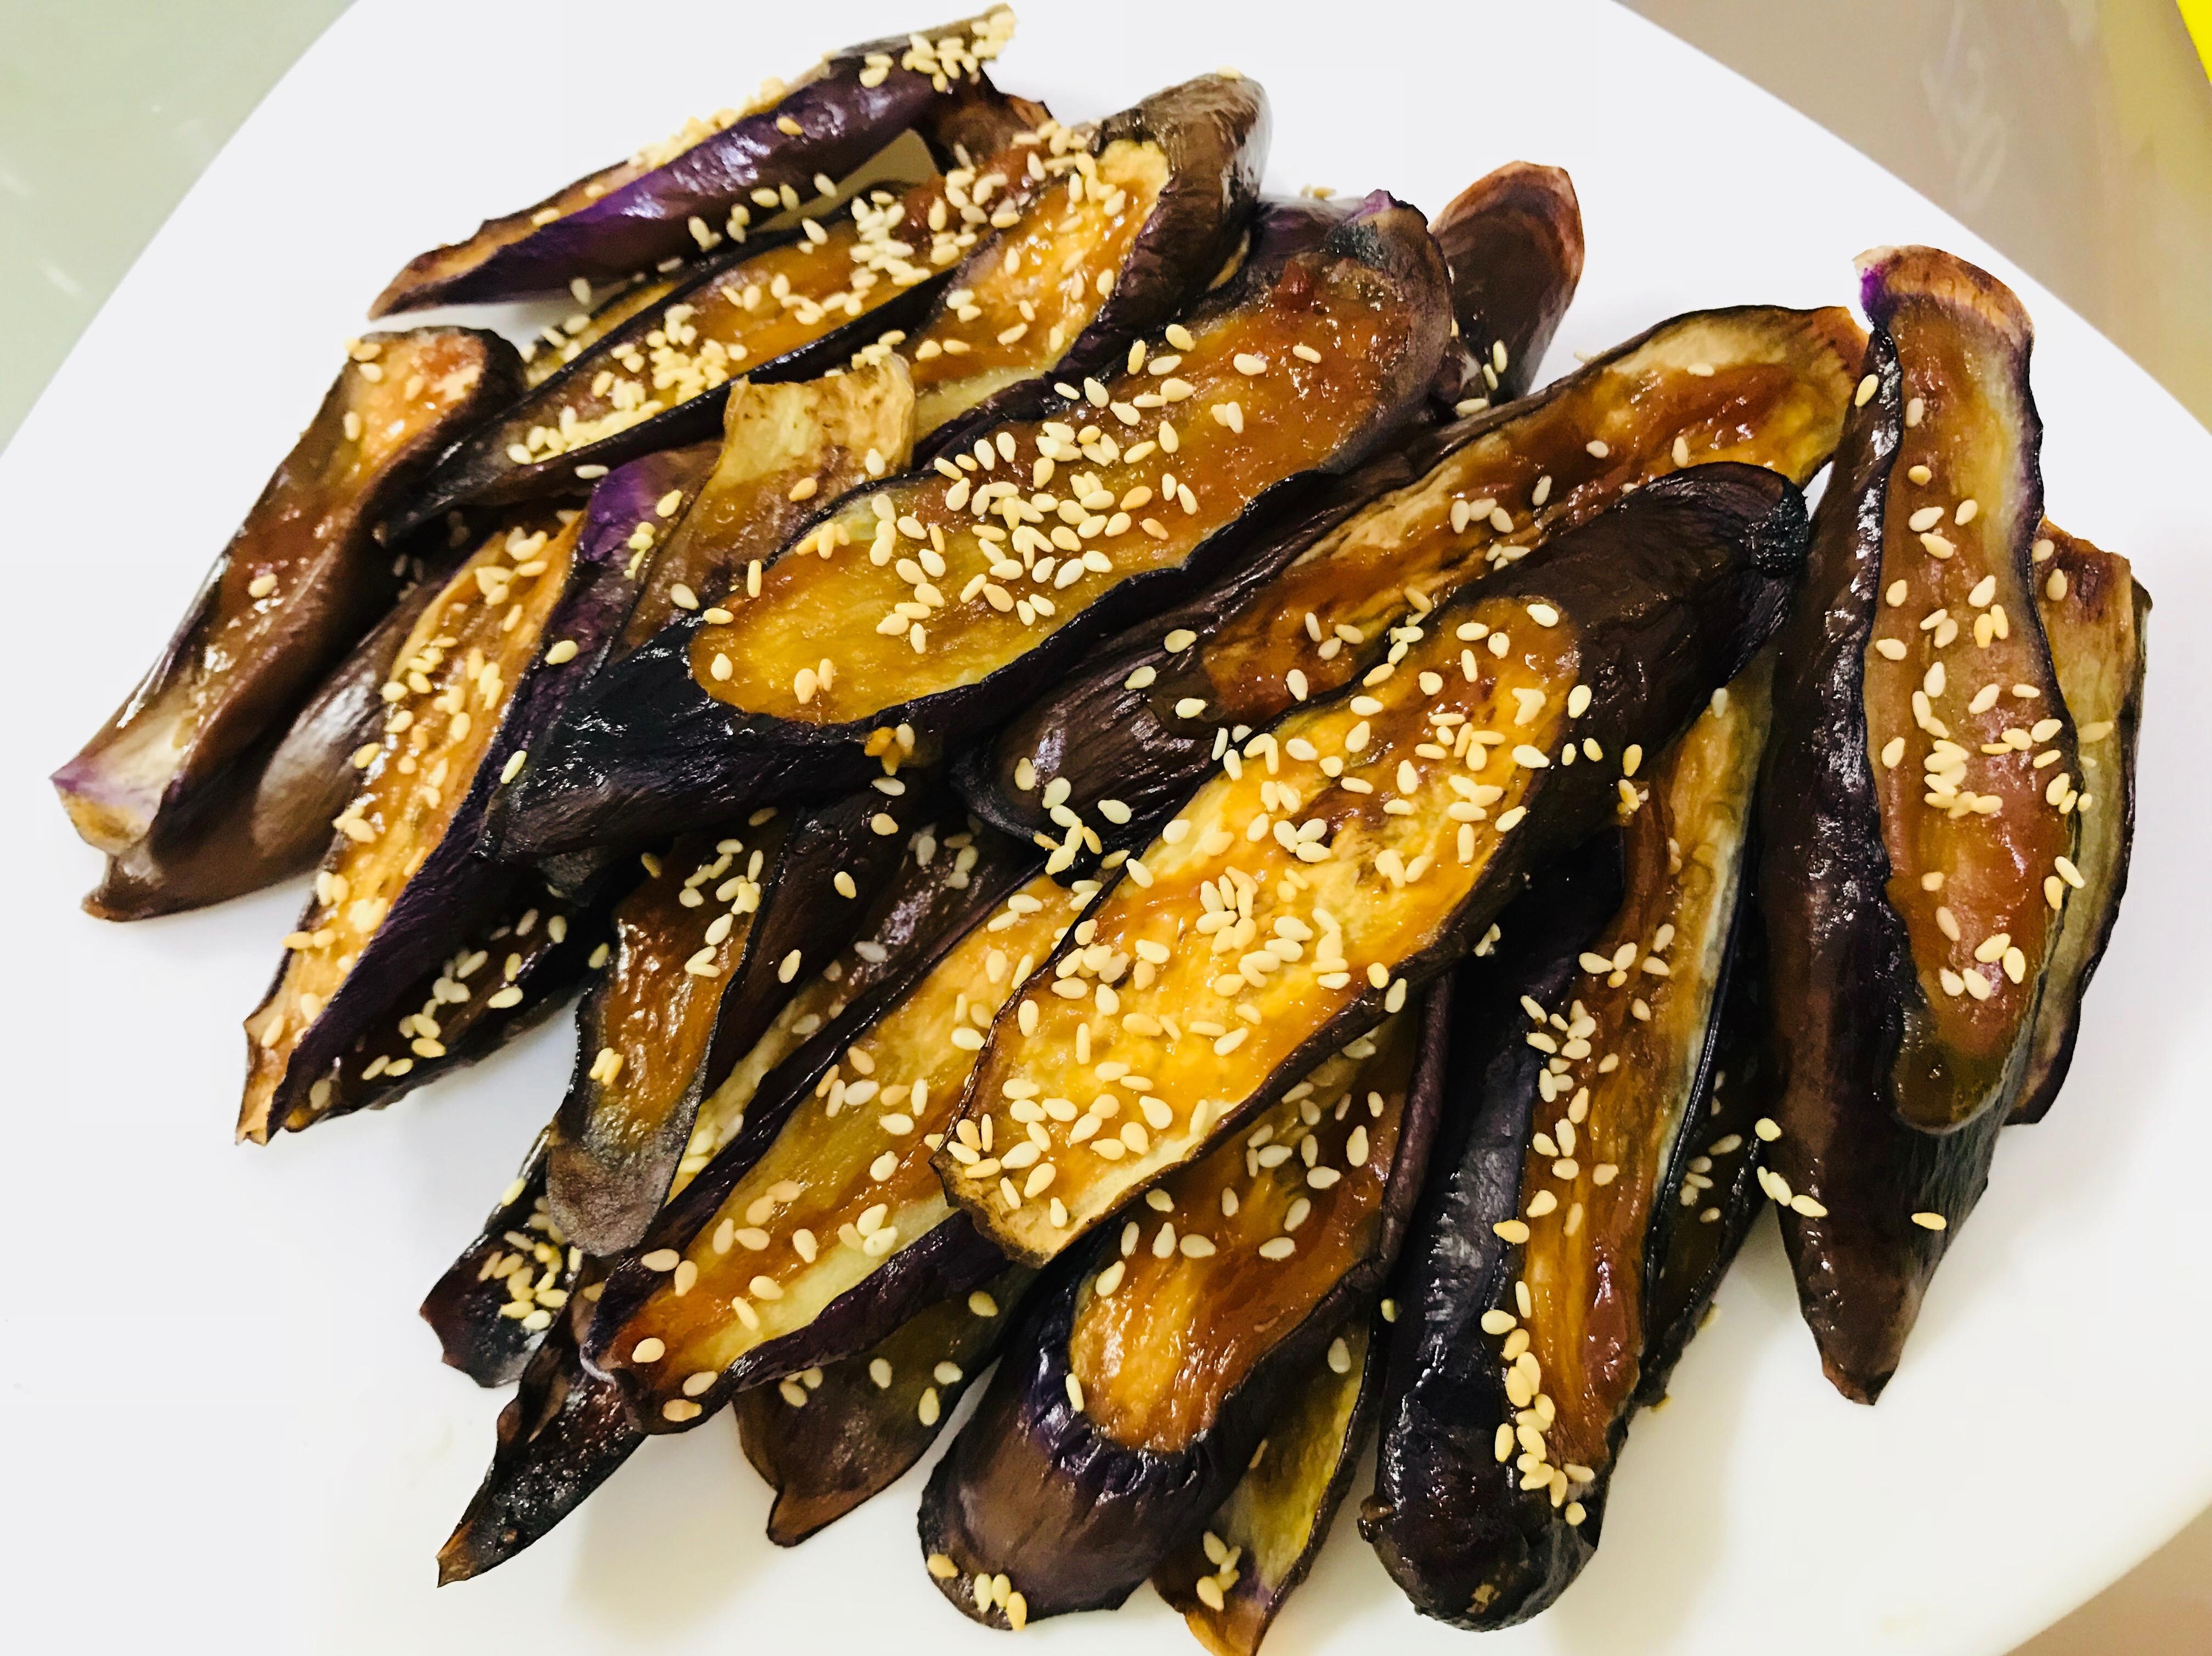 懶人料理之鹹甜好滋味:日式味增烤茄子